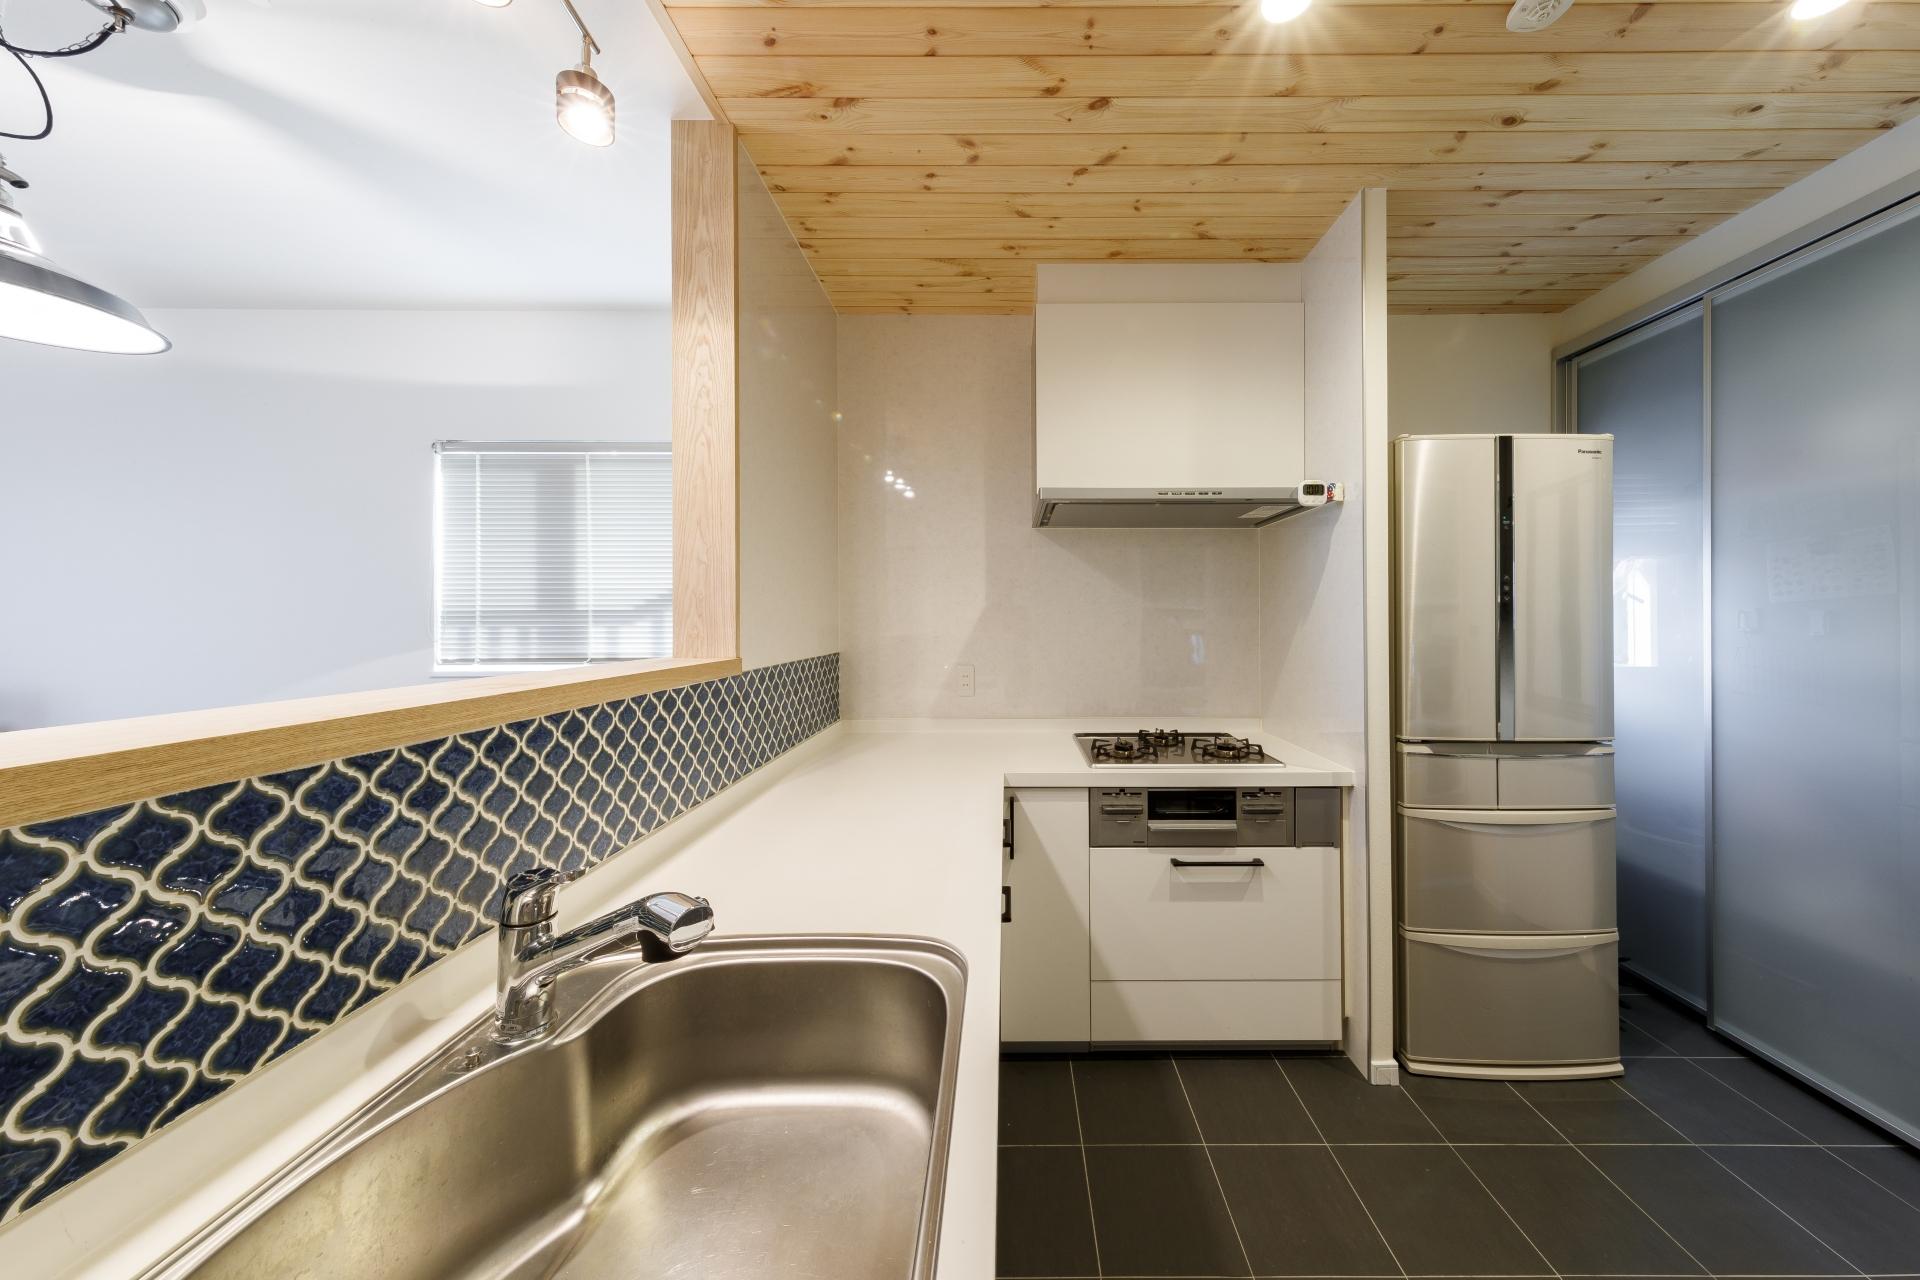 ワンフロアで家事ができる 大きなバルコニーとL字型キッチンのある家